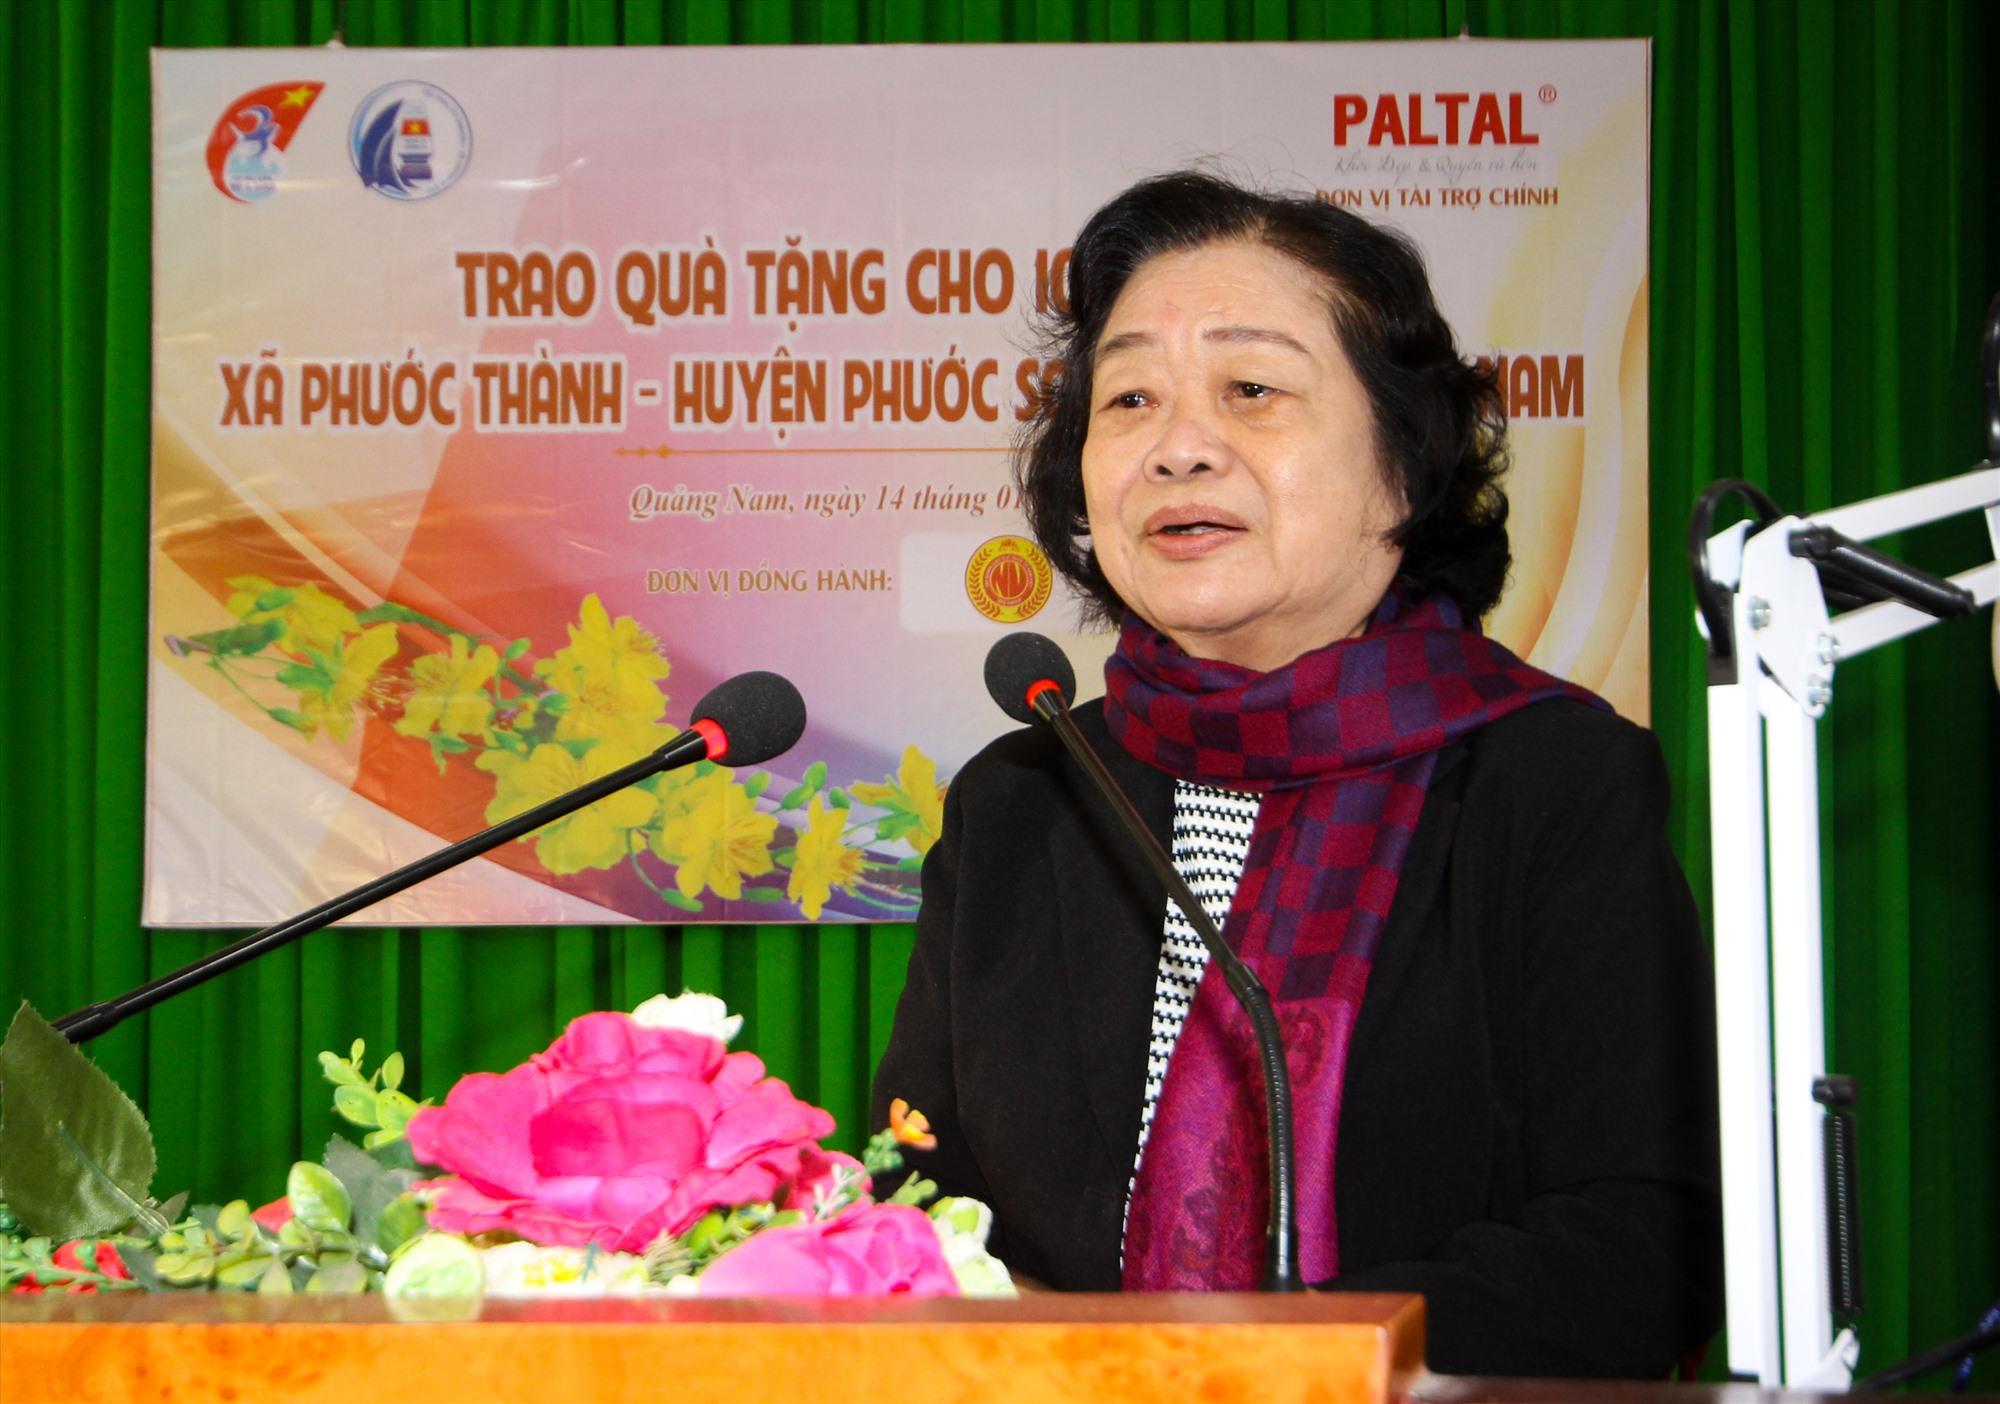 Bà Trương Mỹ Hoa gửi lời chia sẻ, mong muốn người dân sẽ sớm ổn định đời sống, đón một cái Tết đỡ vất vả hơn. Ảnh: T.C